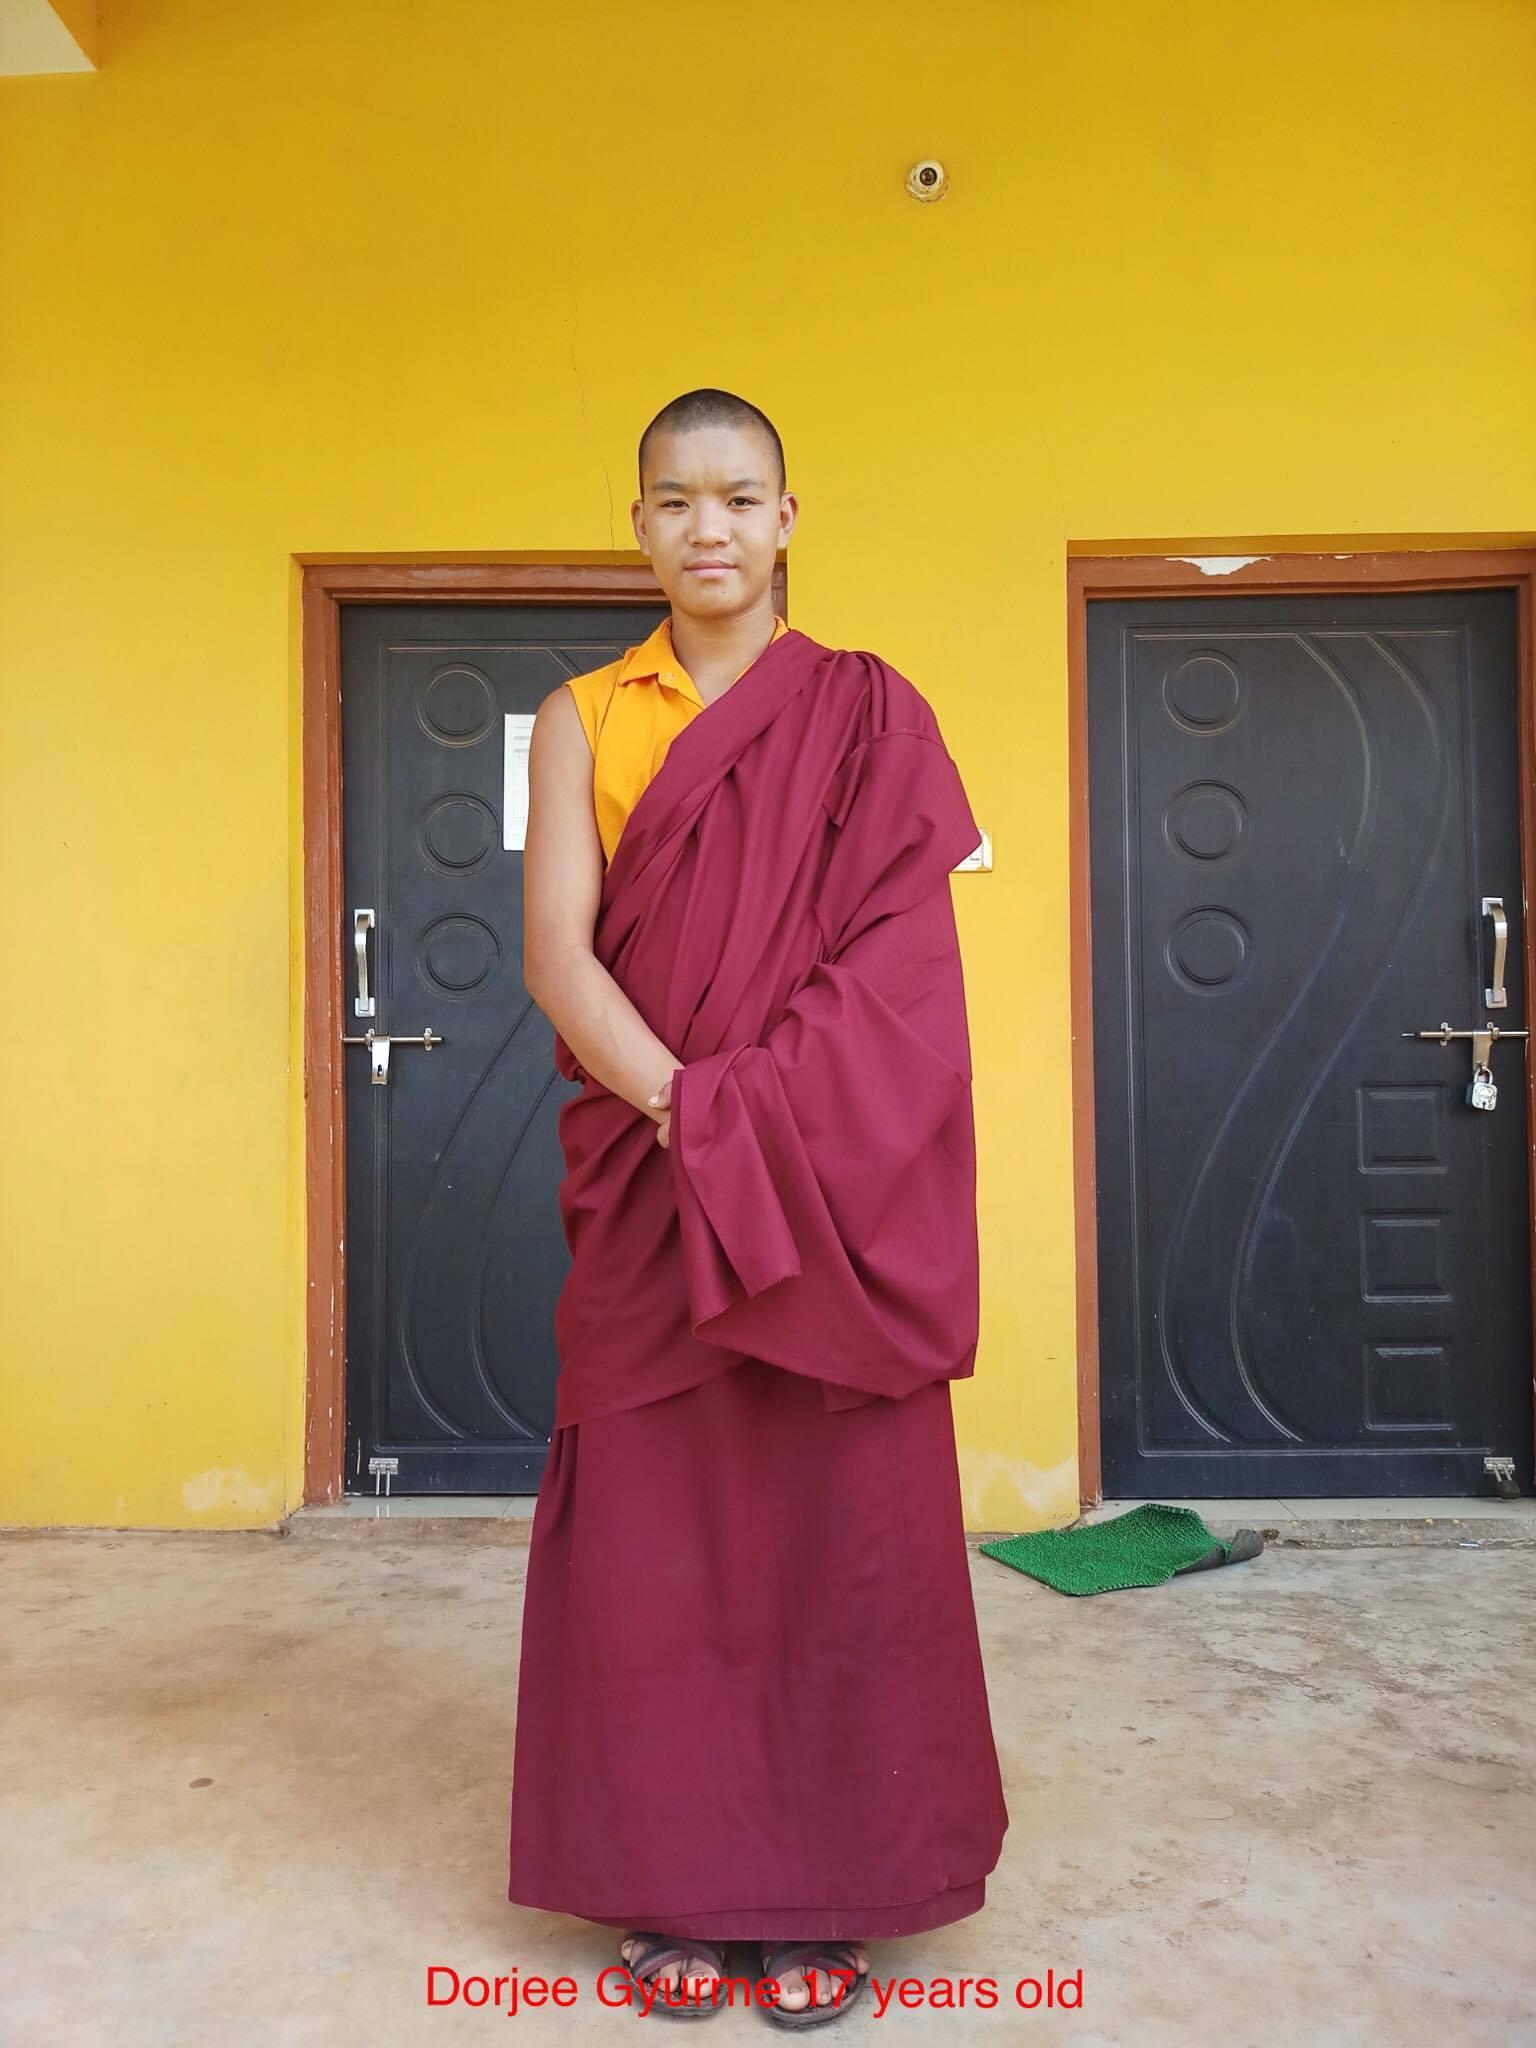 Monk_Dorjee_Gyurme_17yrs_old.jpg